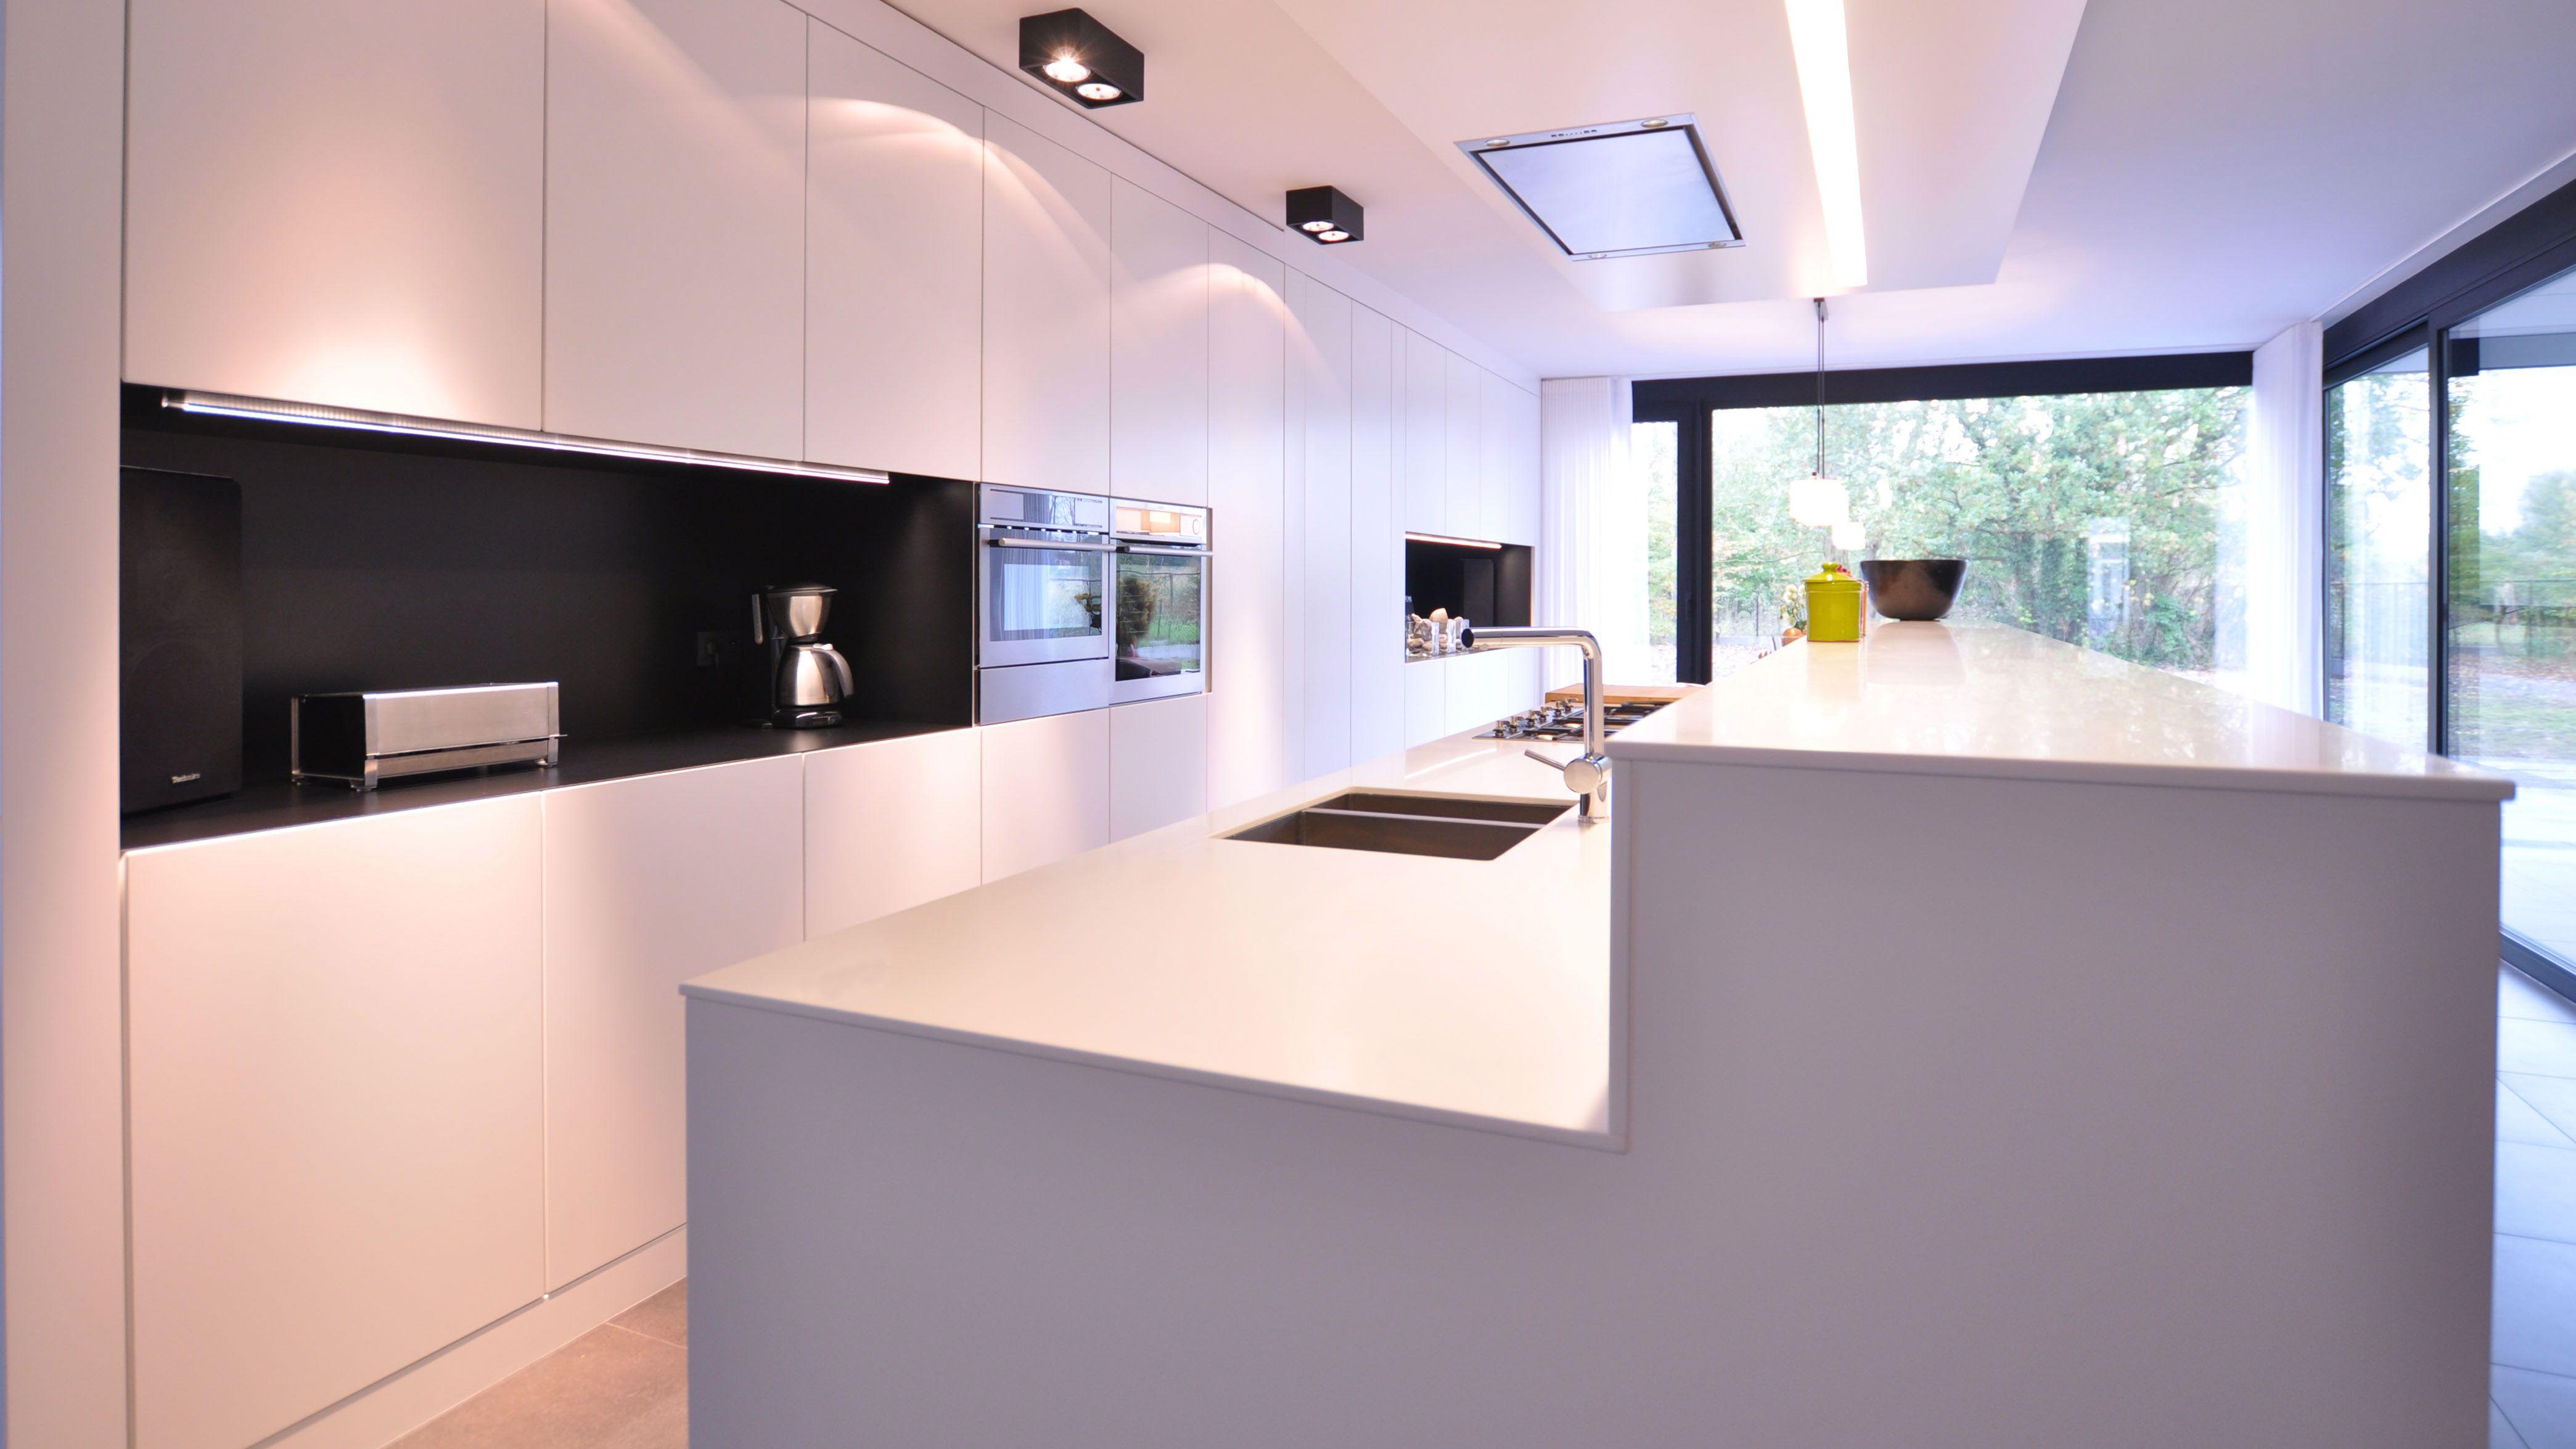 Home Design Keukens : Modern augustijns keukens kitchen in